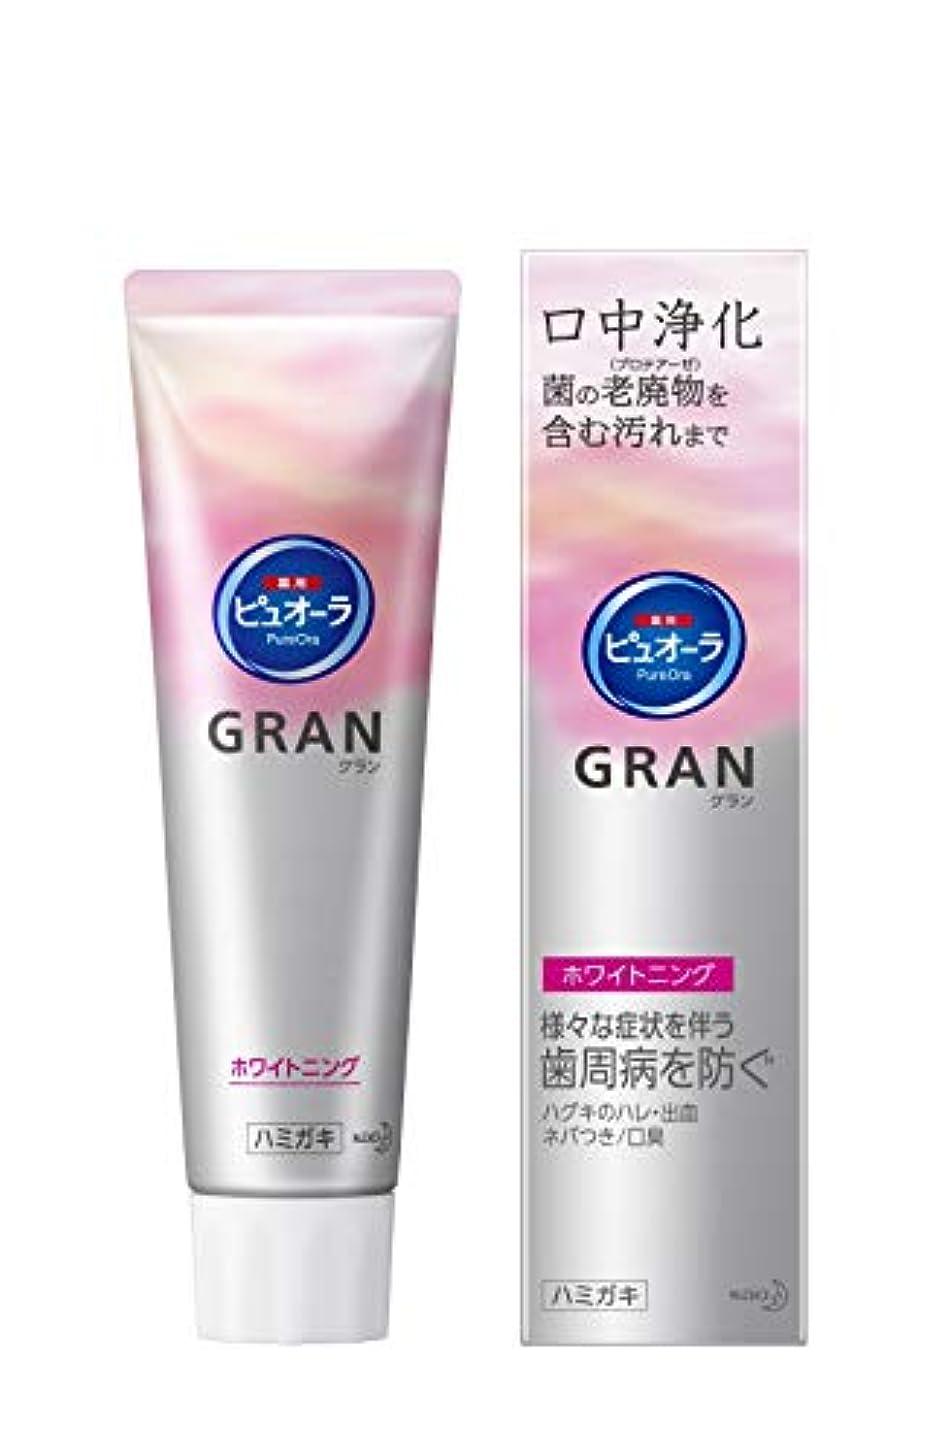 広いミスタイヤピュオーラ GRAN ホワイトニング 95g 歯周病予防 [医薬部外品]